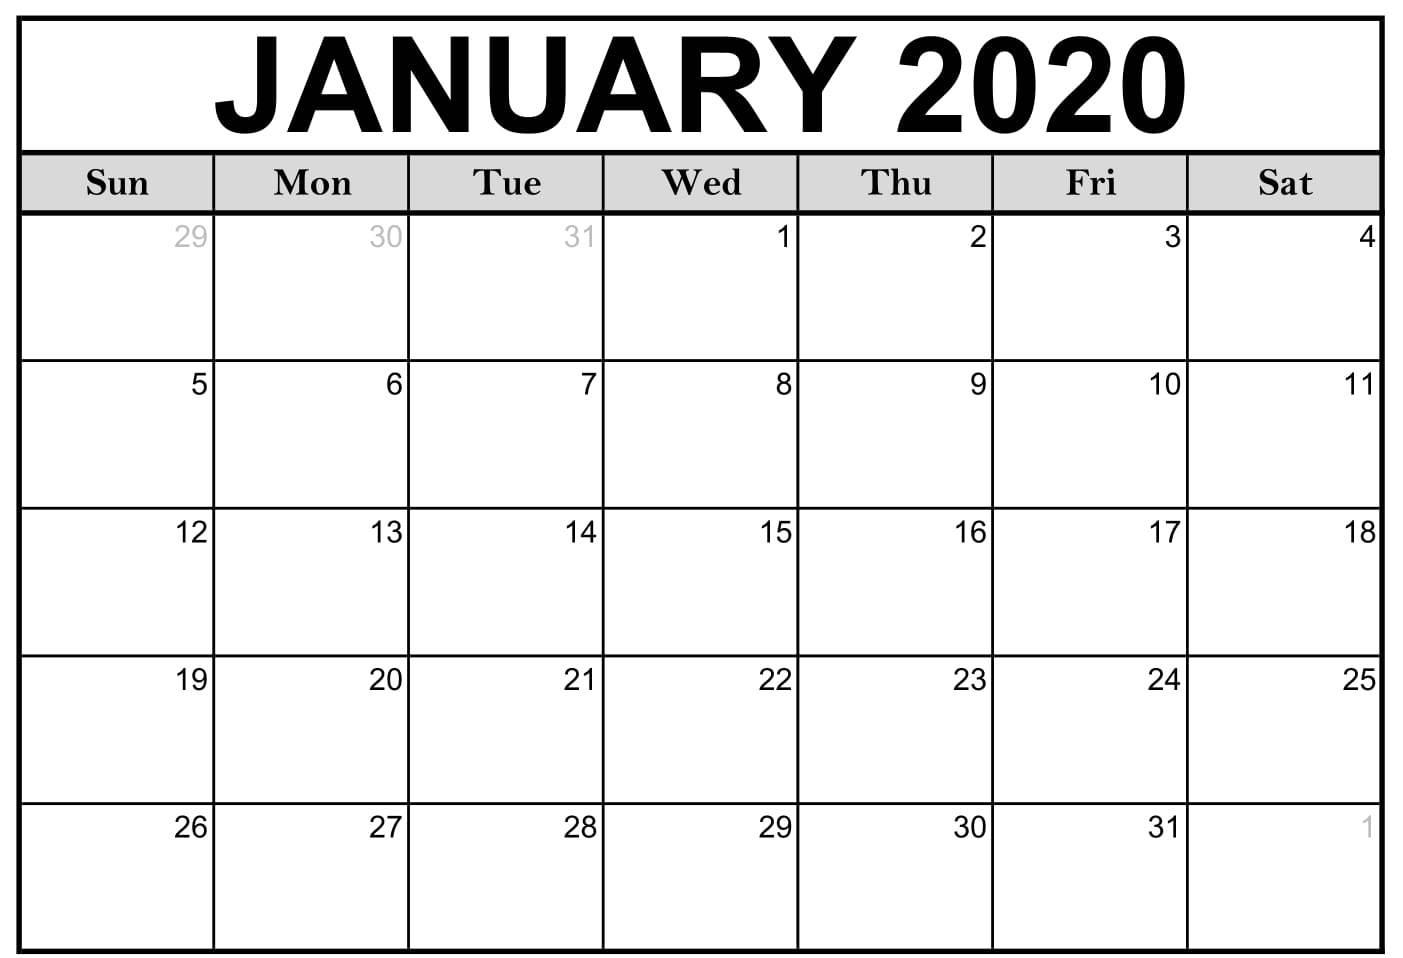 Monthly Calendar January 2020 | Calendar Ideas Design Creative within Blank January Calendar 2020